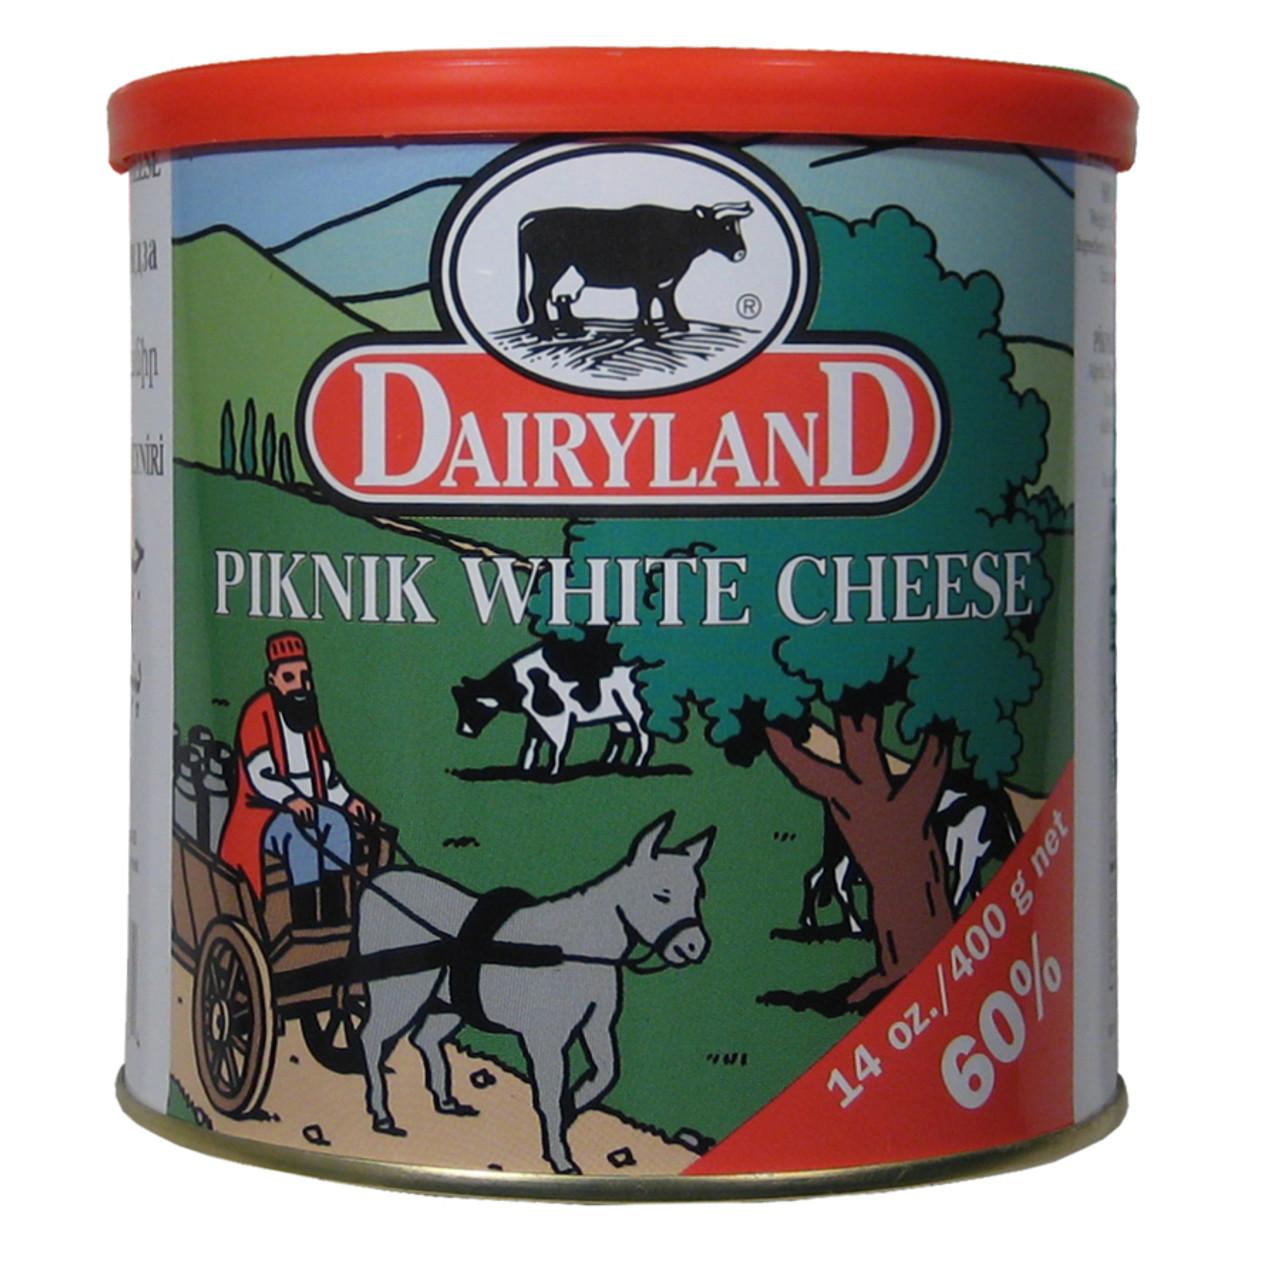 DAIRYLAND PIKNIK CHEESE (400G)